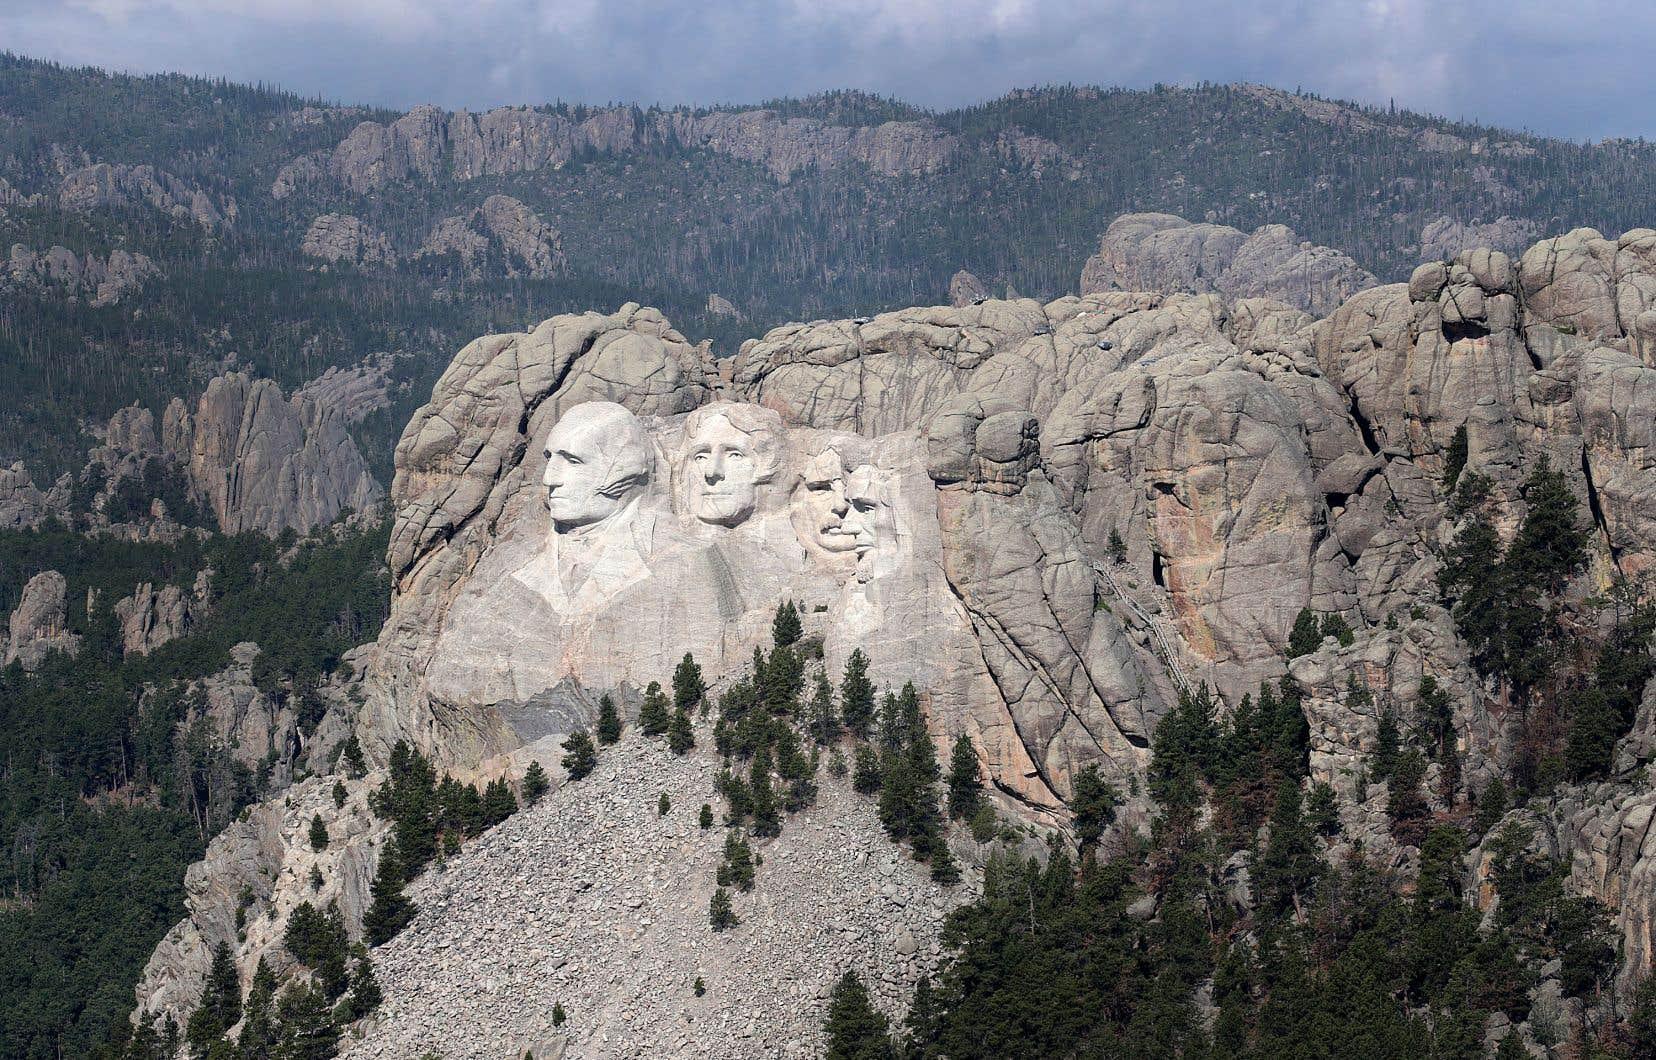 Le président américain a souhaité organiser un feu d'artifice au mémorial des anciens présidents, plus de dix ans après le dernier événement de ce genre. Les leaders tribaux s'y opposent, certains d'entre eux considérant même que le monument devrait être démoli.